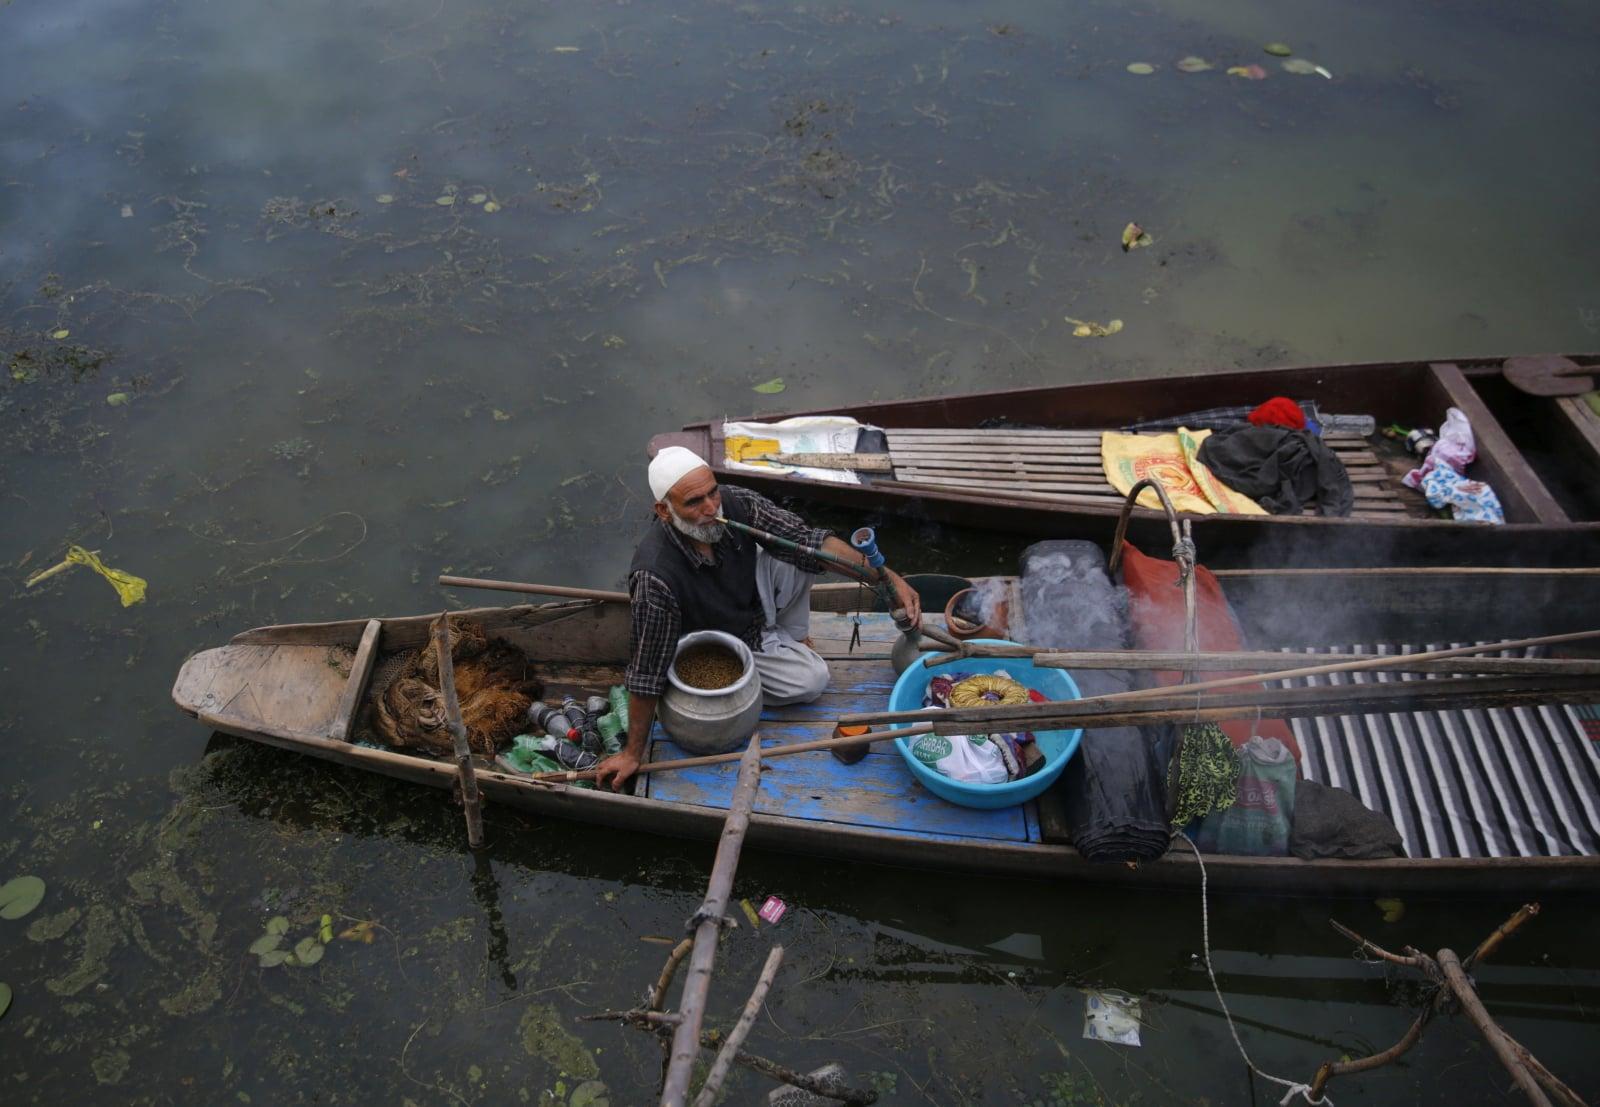 Indyjski region - Kaszmir fot. EPA/FAROOQ KHAN